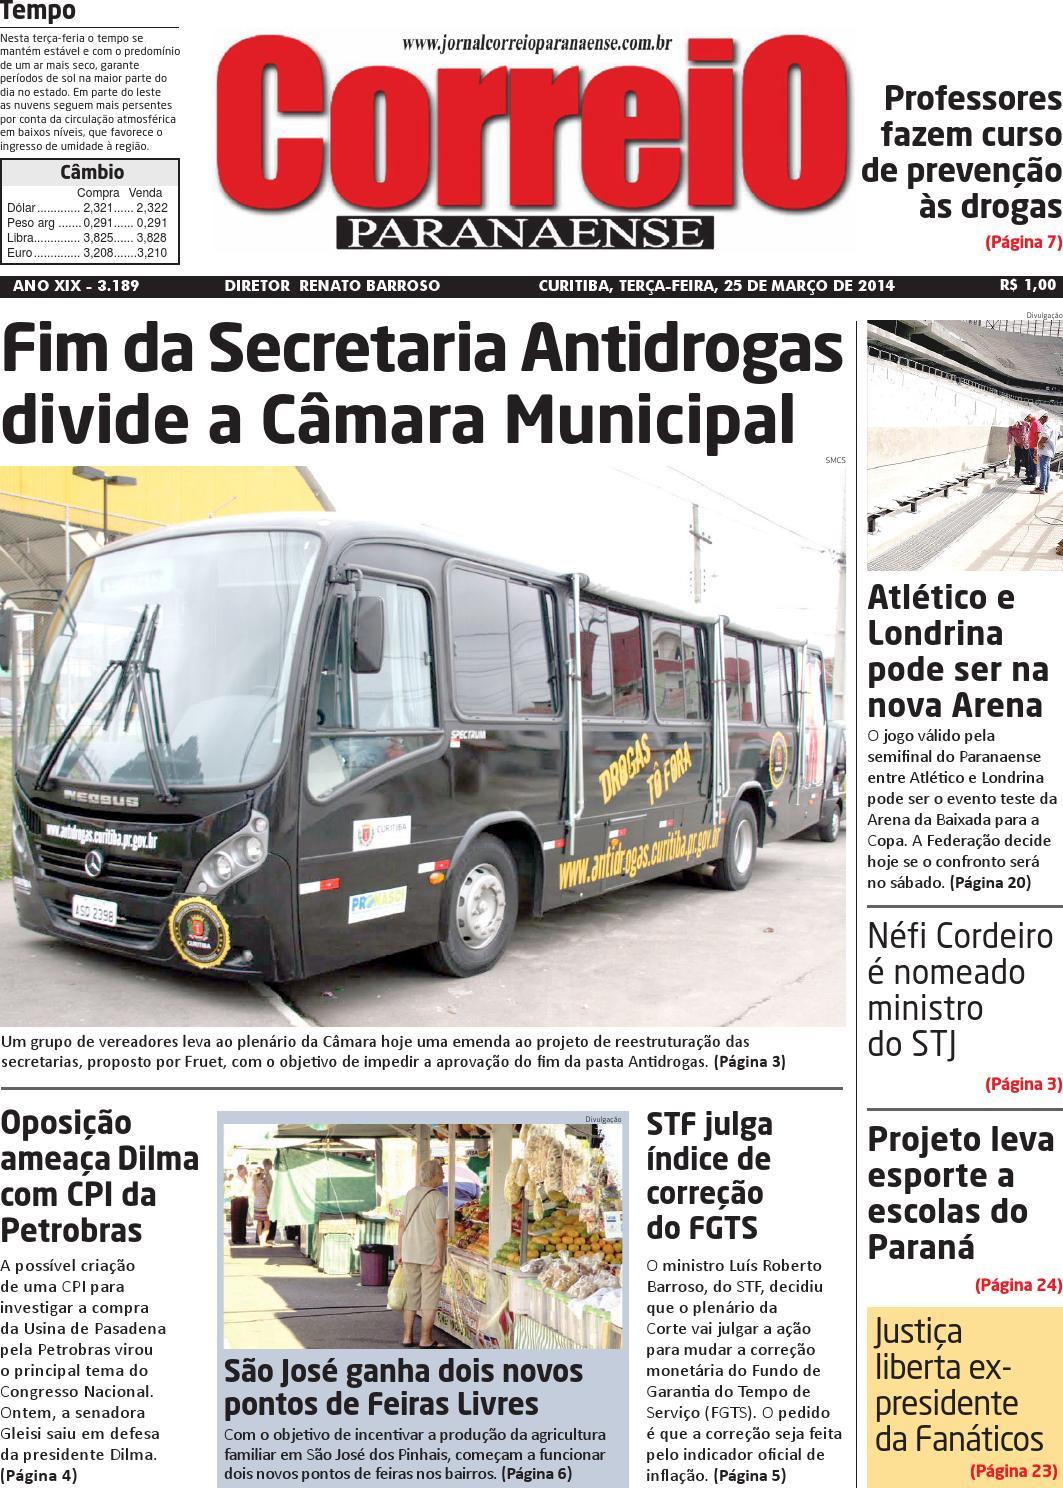 Correio Paranaense - Edição 25 03 2014 by Editora Correio Paranaense - issuu fafea7be74adb